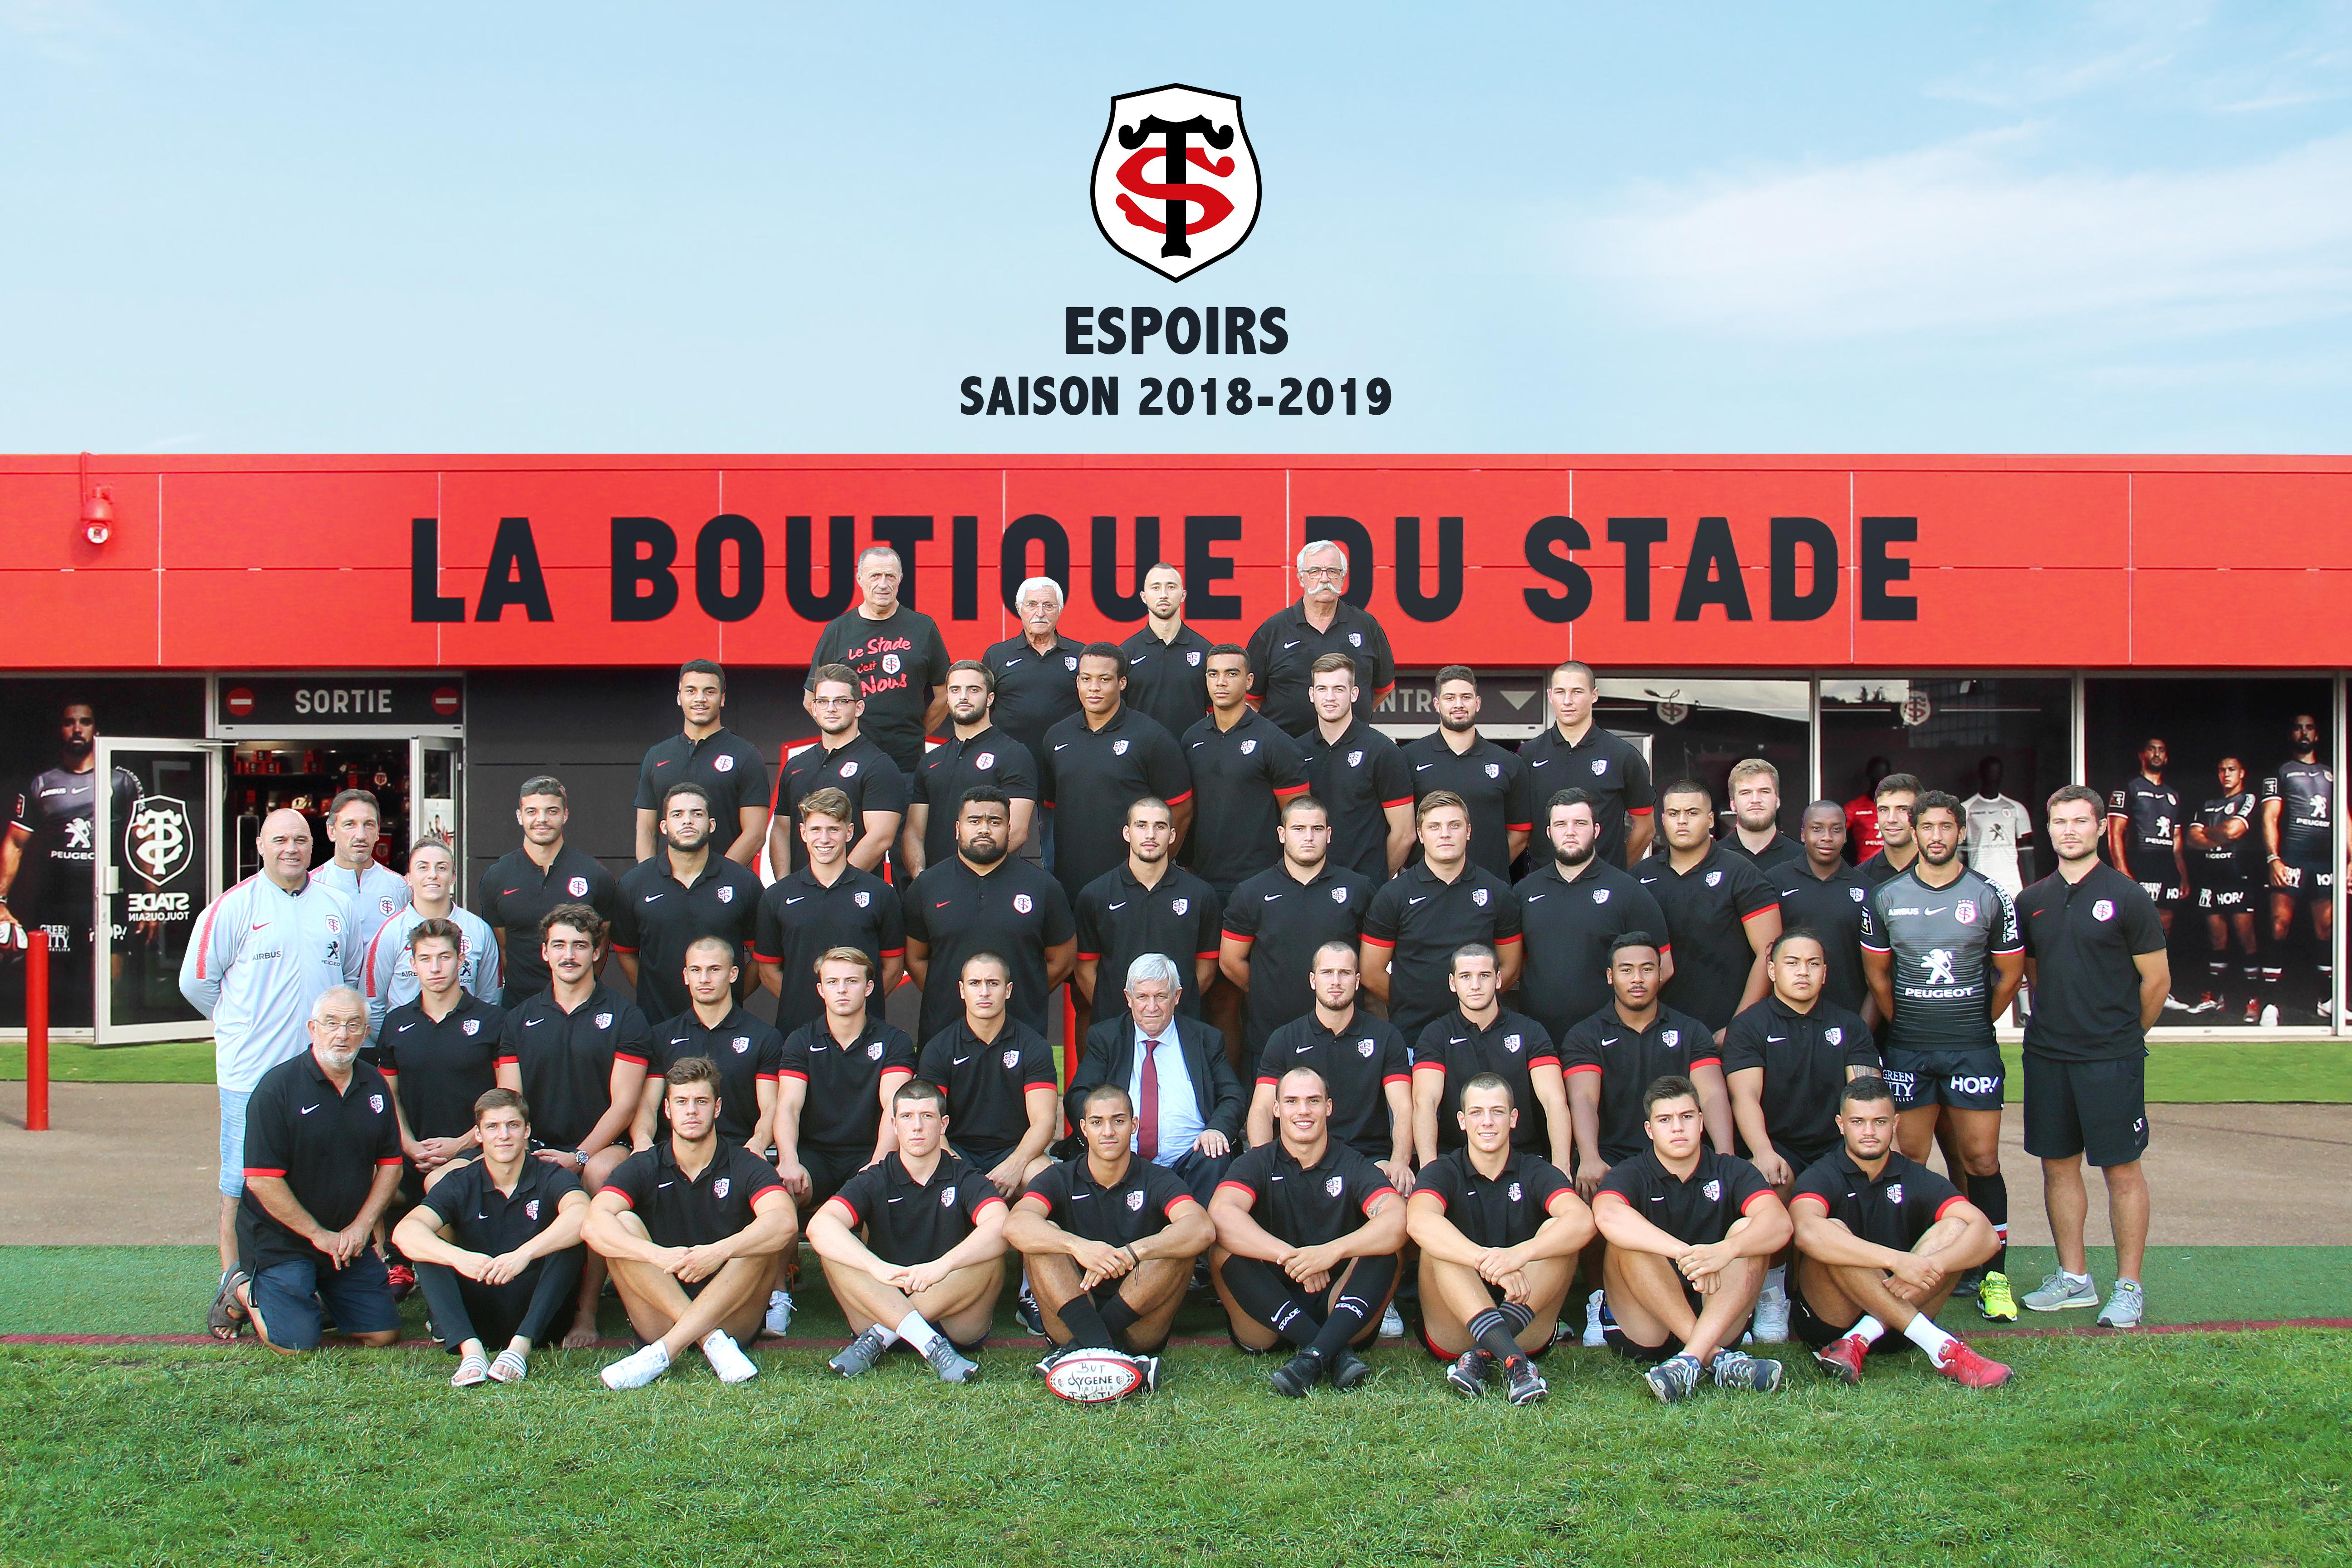 Calendrier Stade Toulousain 2019.St Espoirs Association Du Stade Toulousain